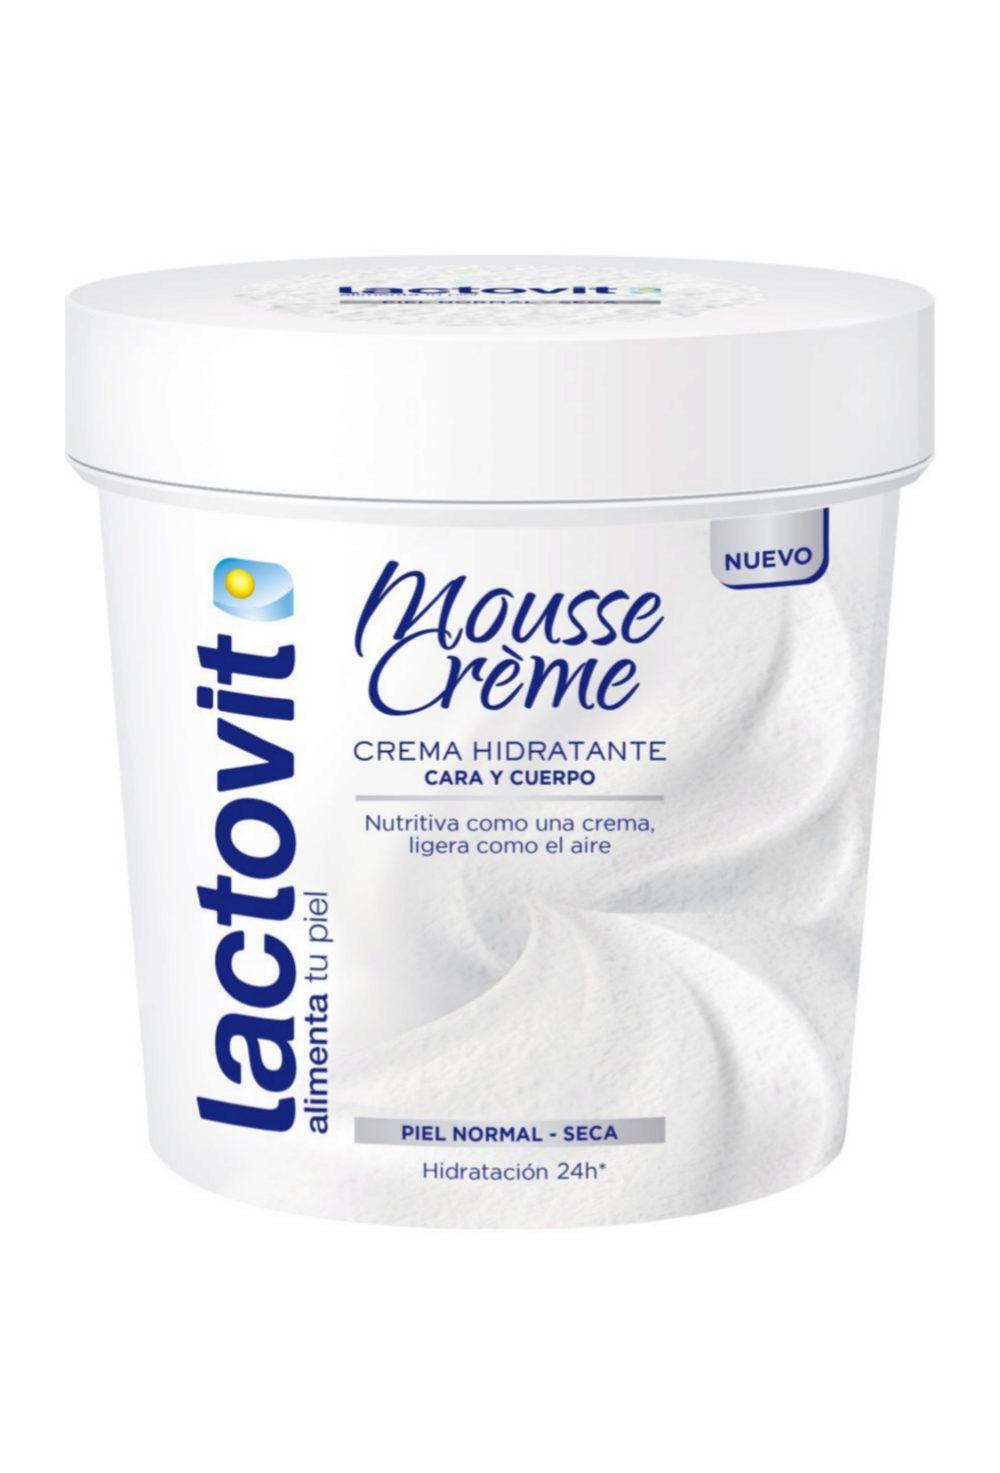 Mousse Crème, Lactovit (3,99 euros).